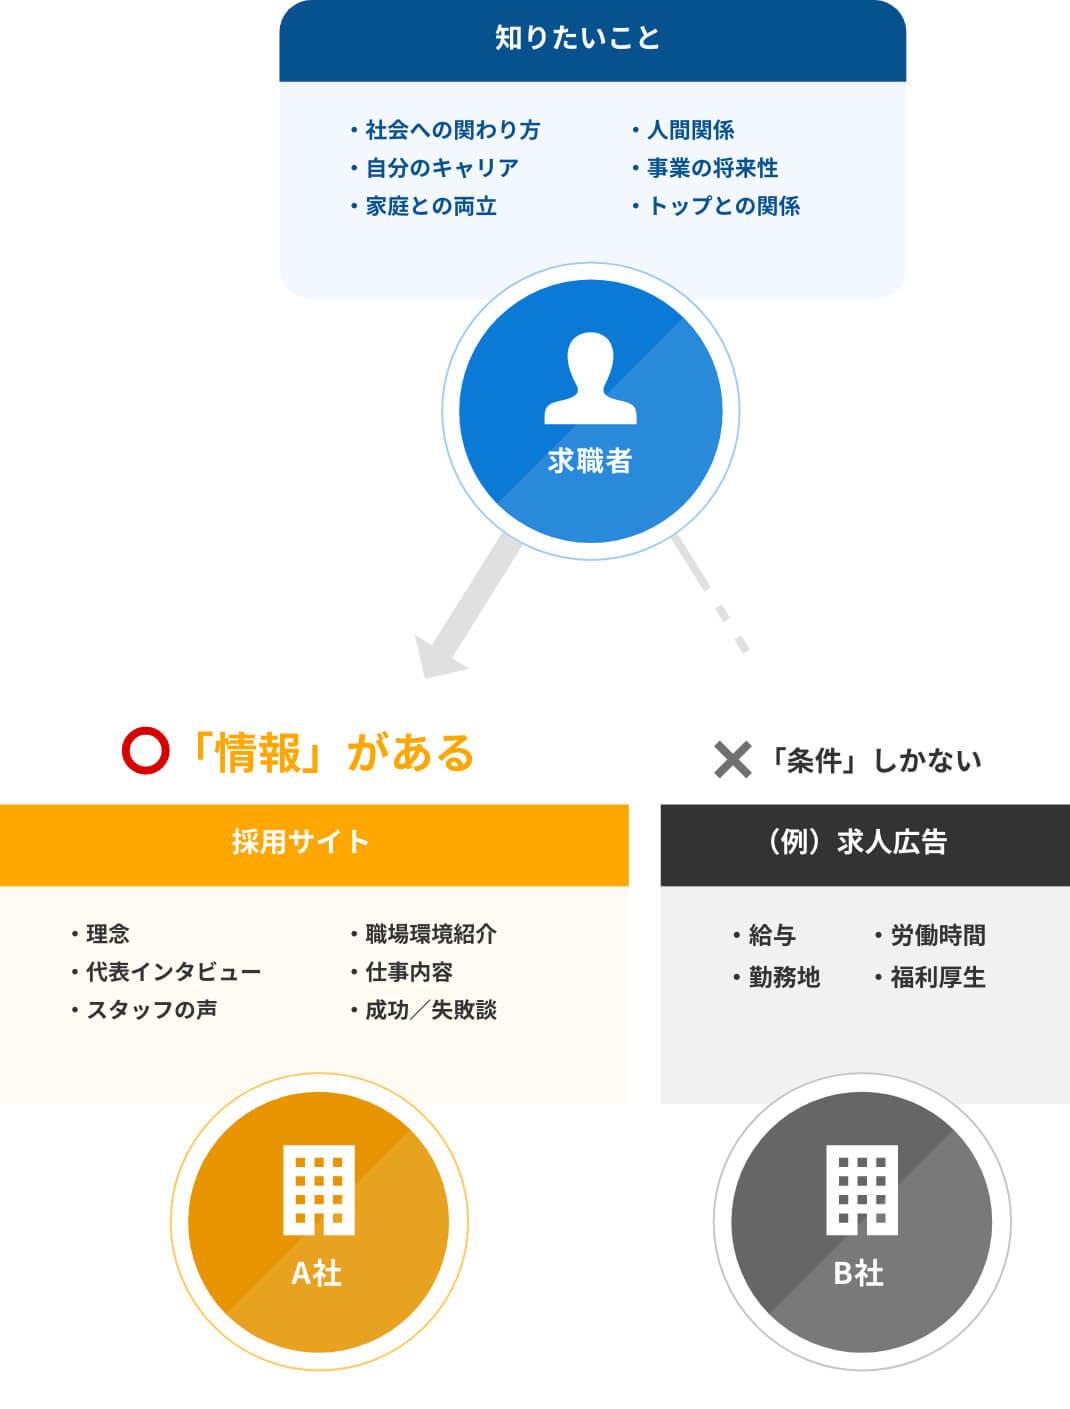 求職者が求める企業の情報